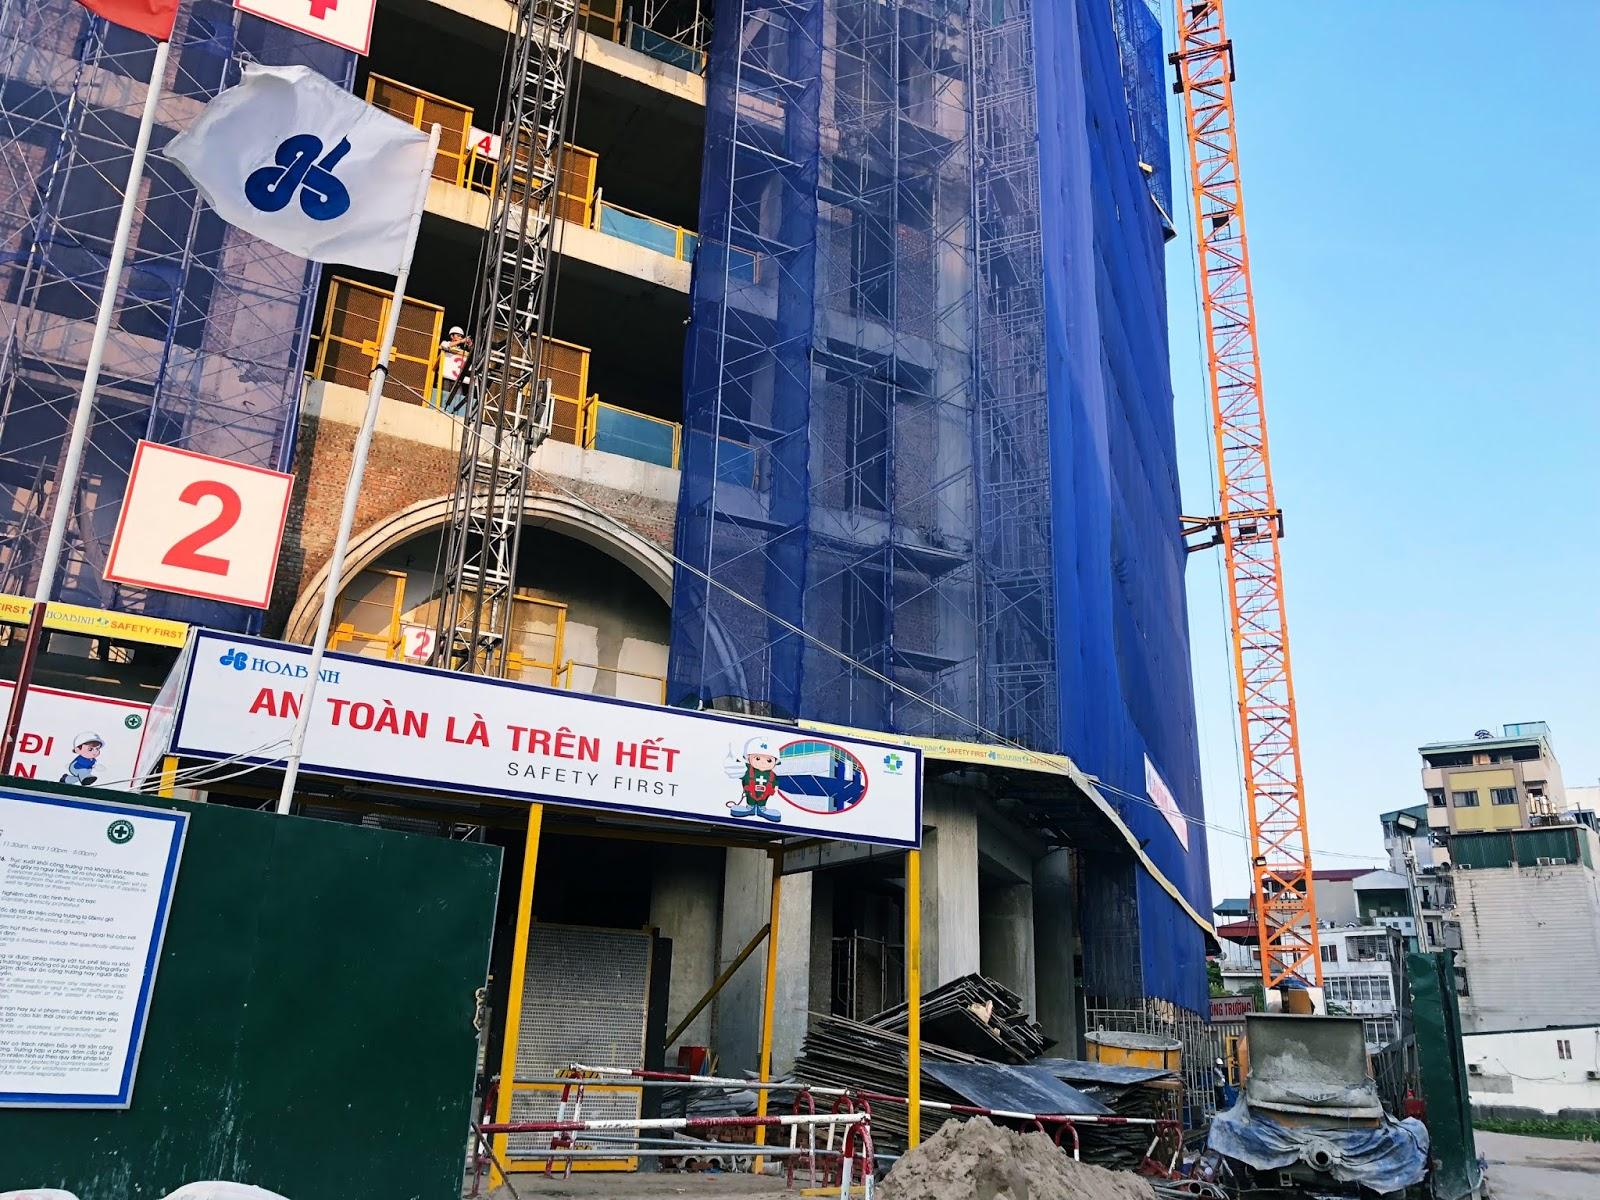 Cập nhật tiến độ xây dựng của toà nhà La Roma - Tháng 8